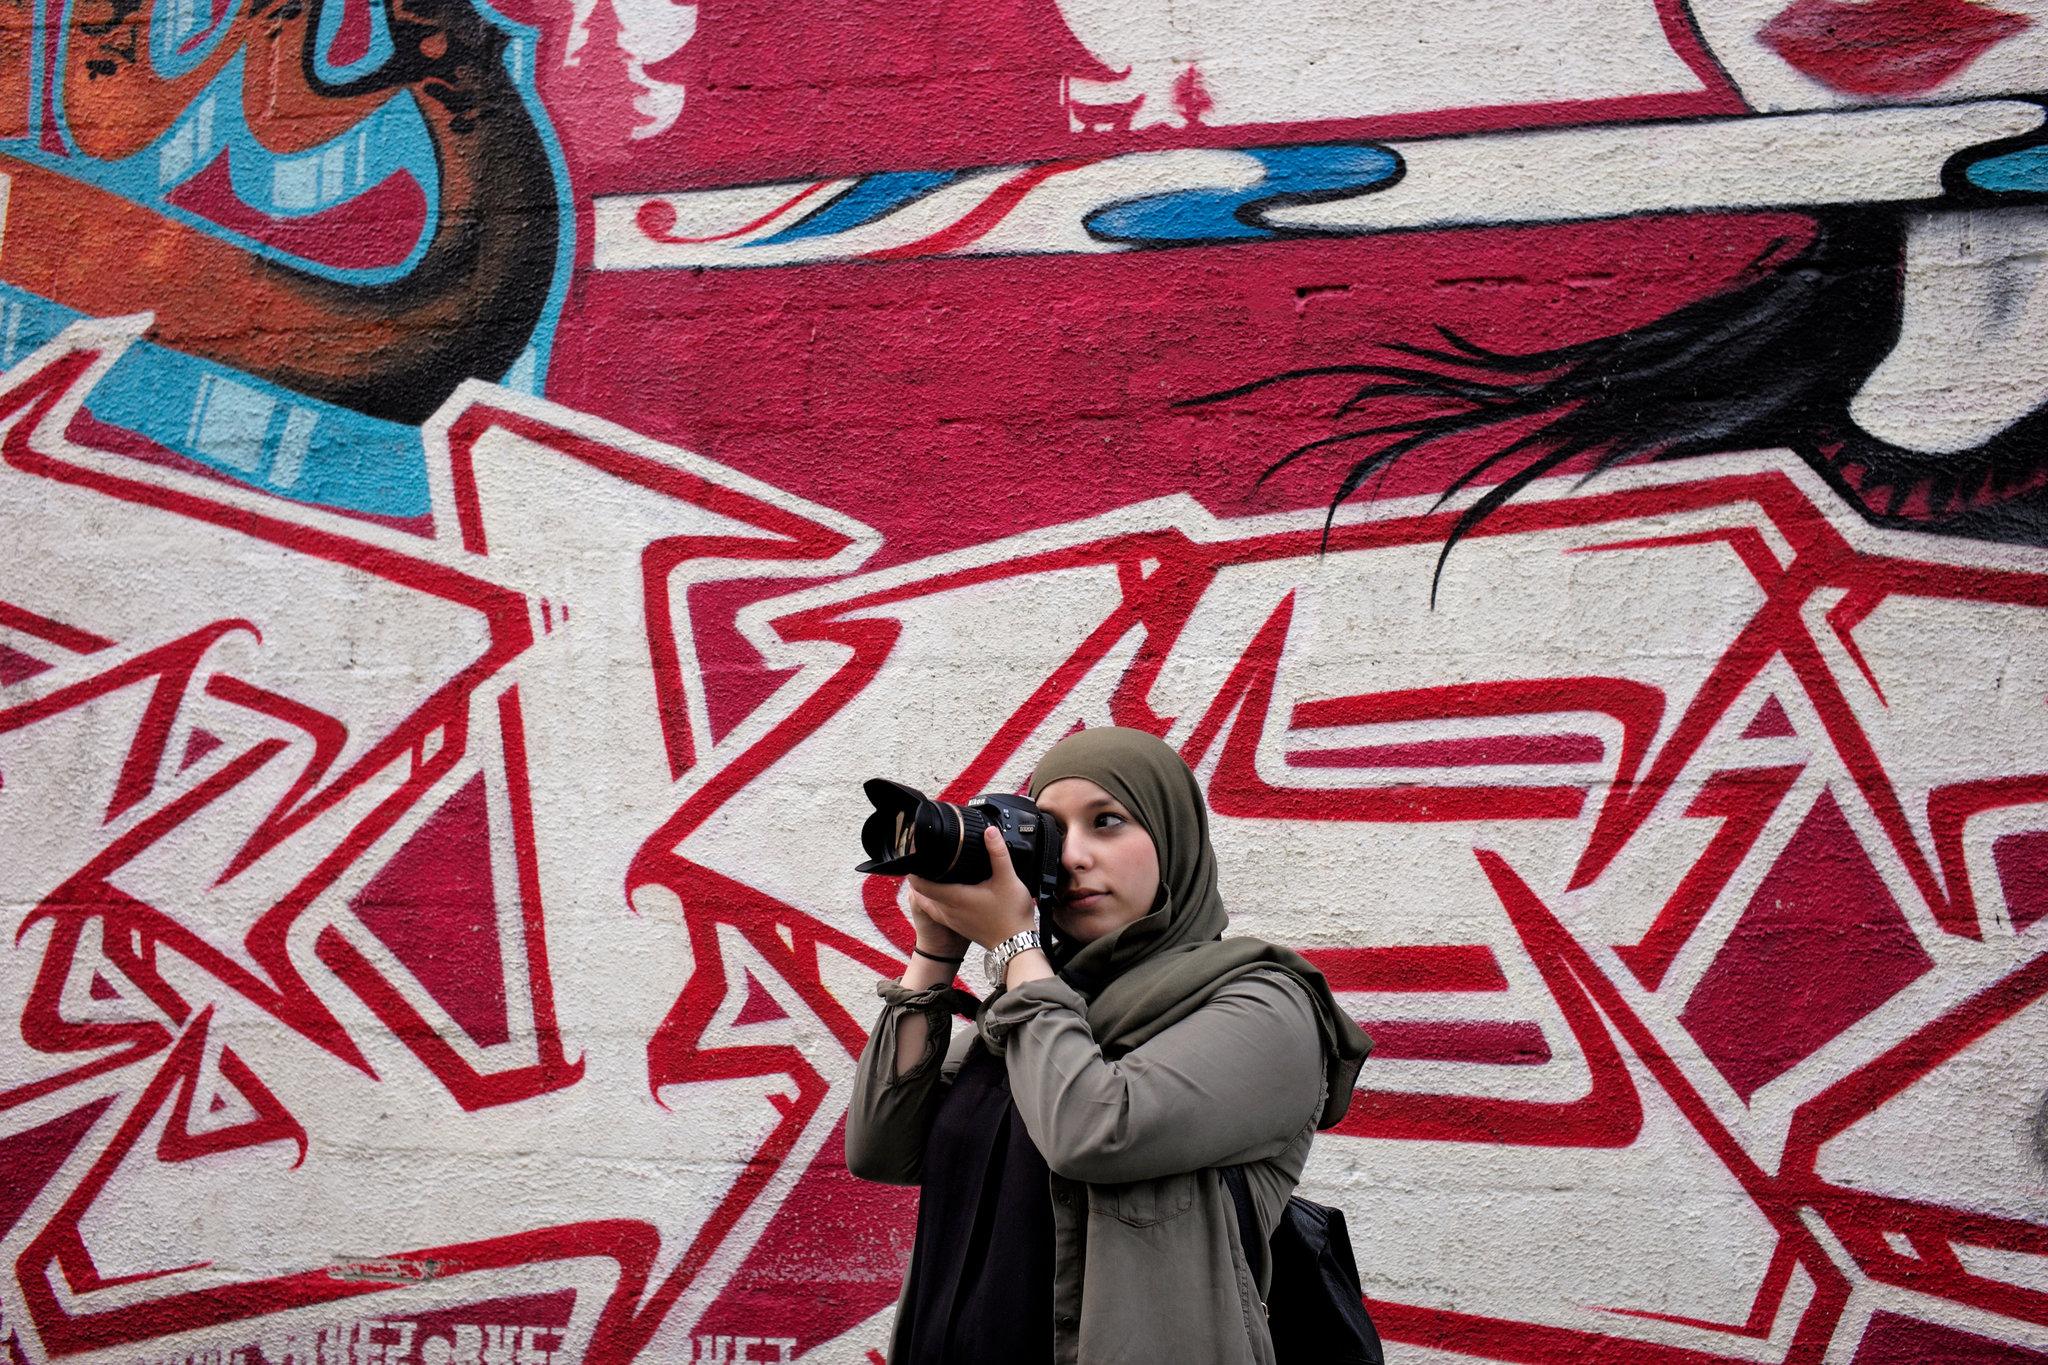 Nawal Afkir, 25 ans, de Bruxelles. Elle est passionnée par la photographie. Credit Gael Turine pour le New York Times